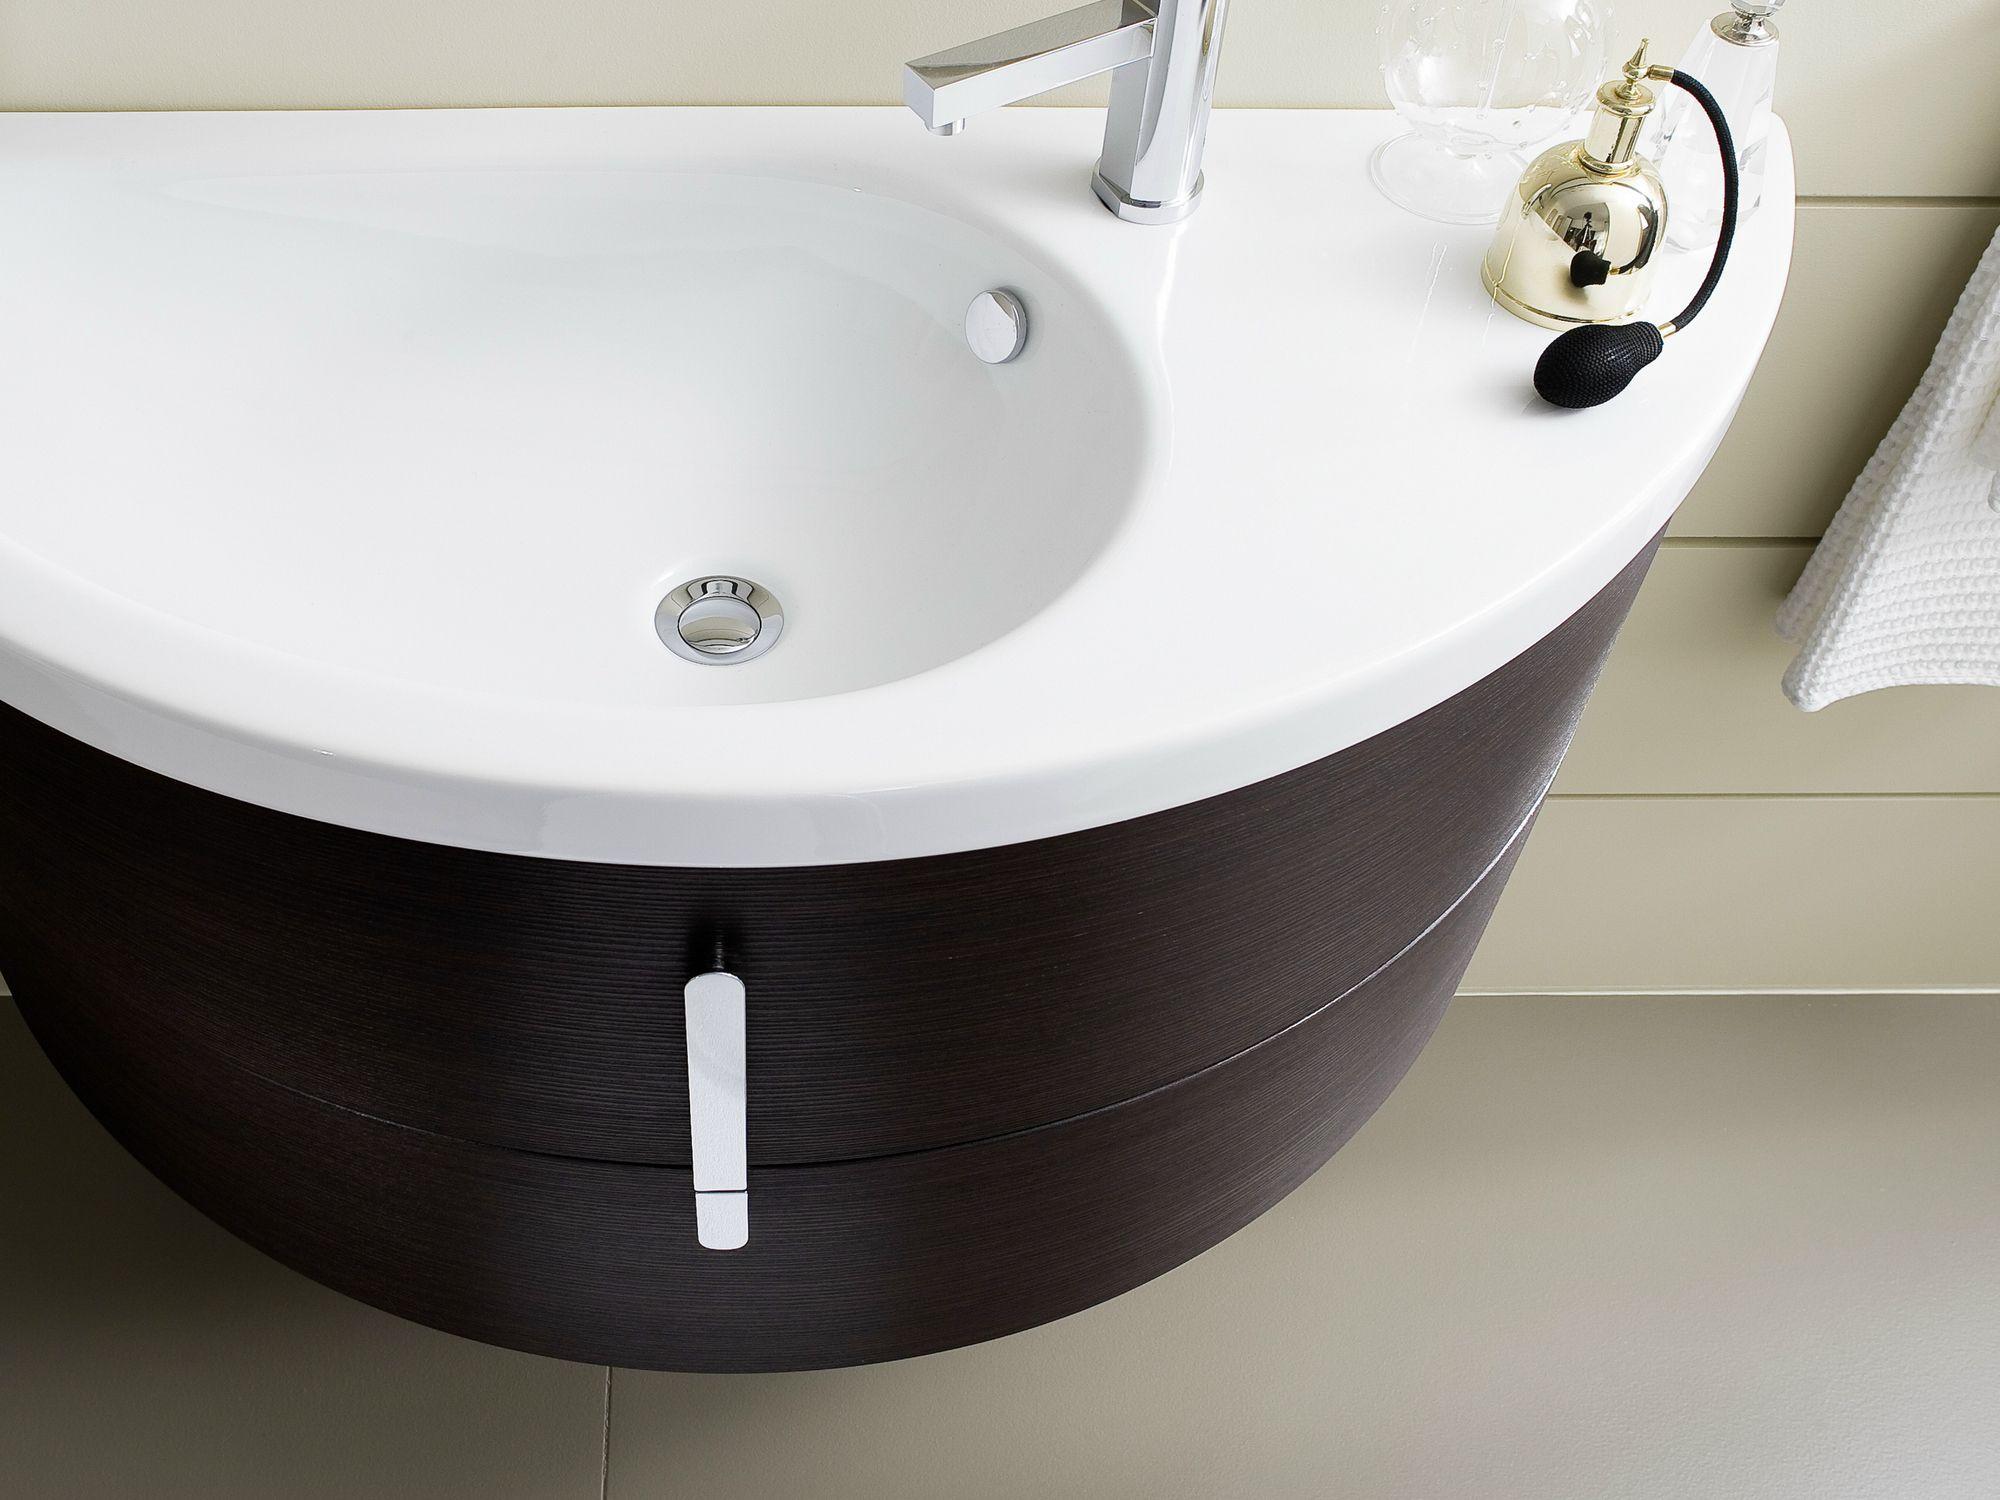 Meuble sous vasque avec tiroirs comp m09 by ideagroup - Meuble sous vasque arrondi ...